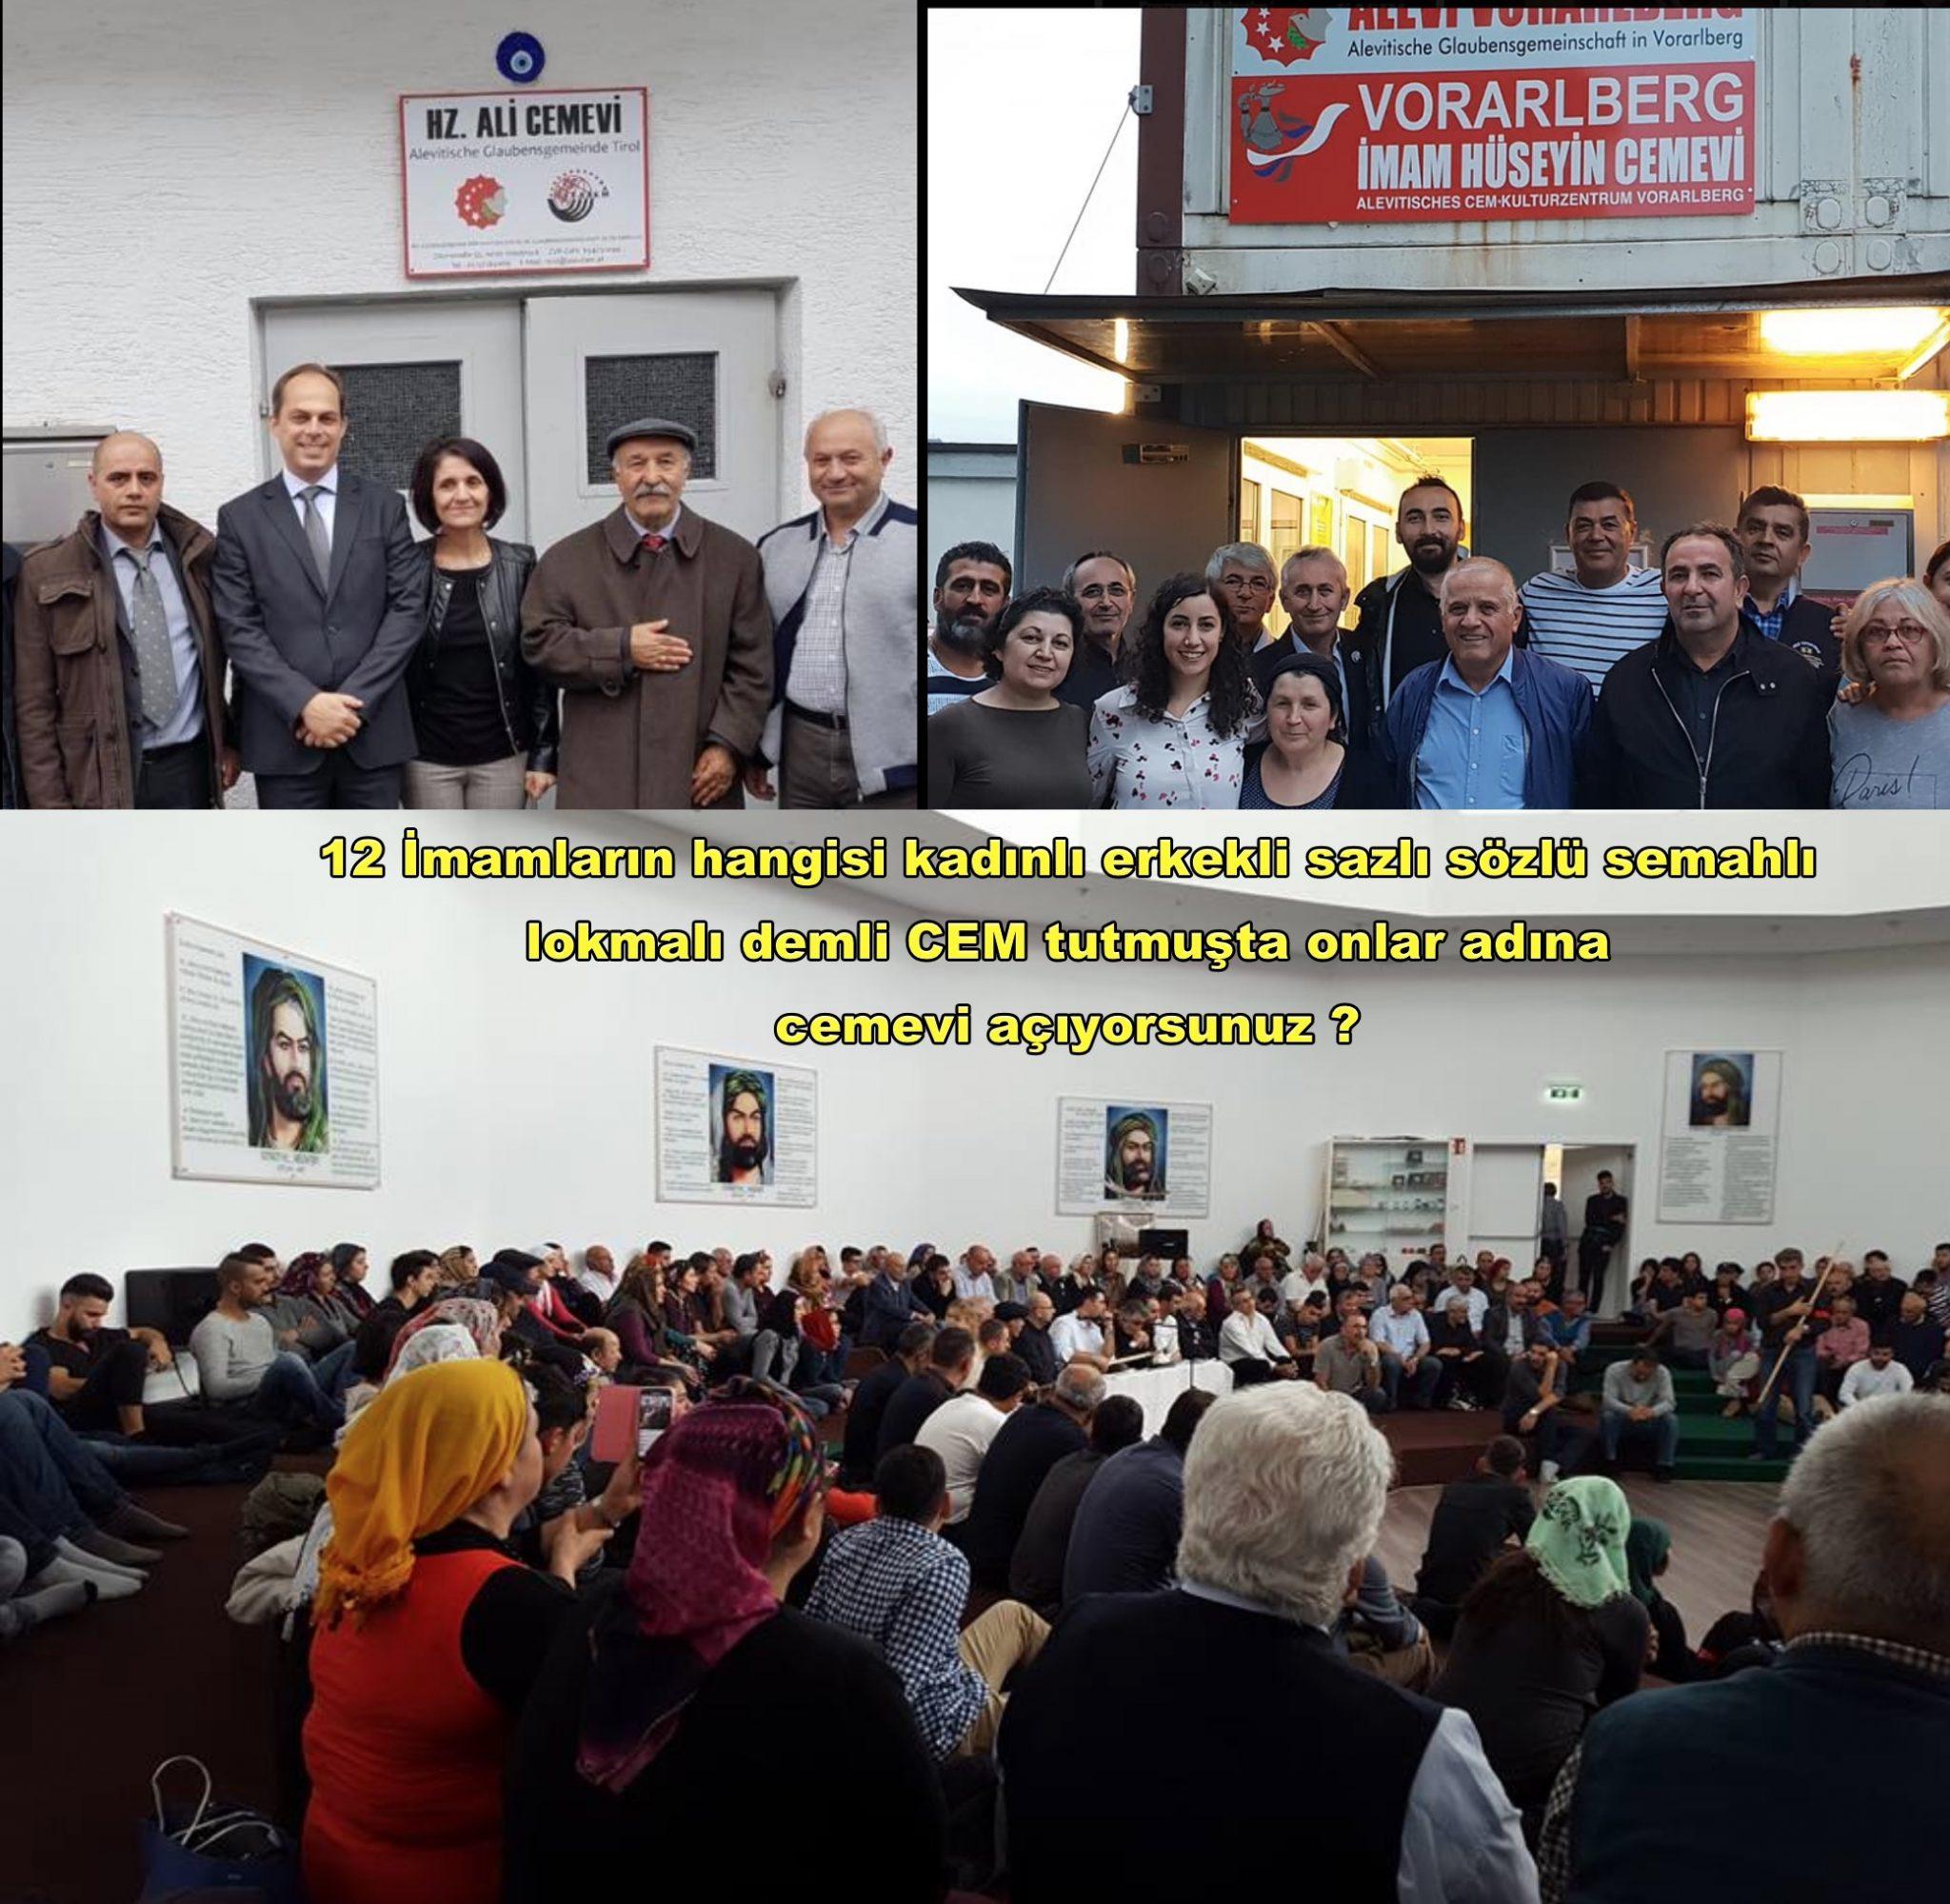 5 Avusturya Alevi islamcı Aleviler  DAB devrimci Aleviler Birliği 12 imam cemevi